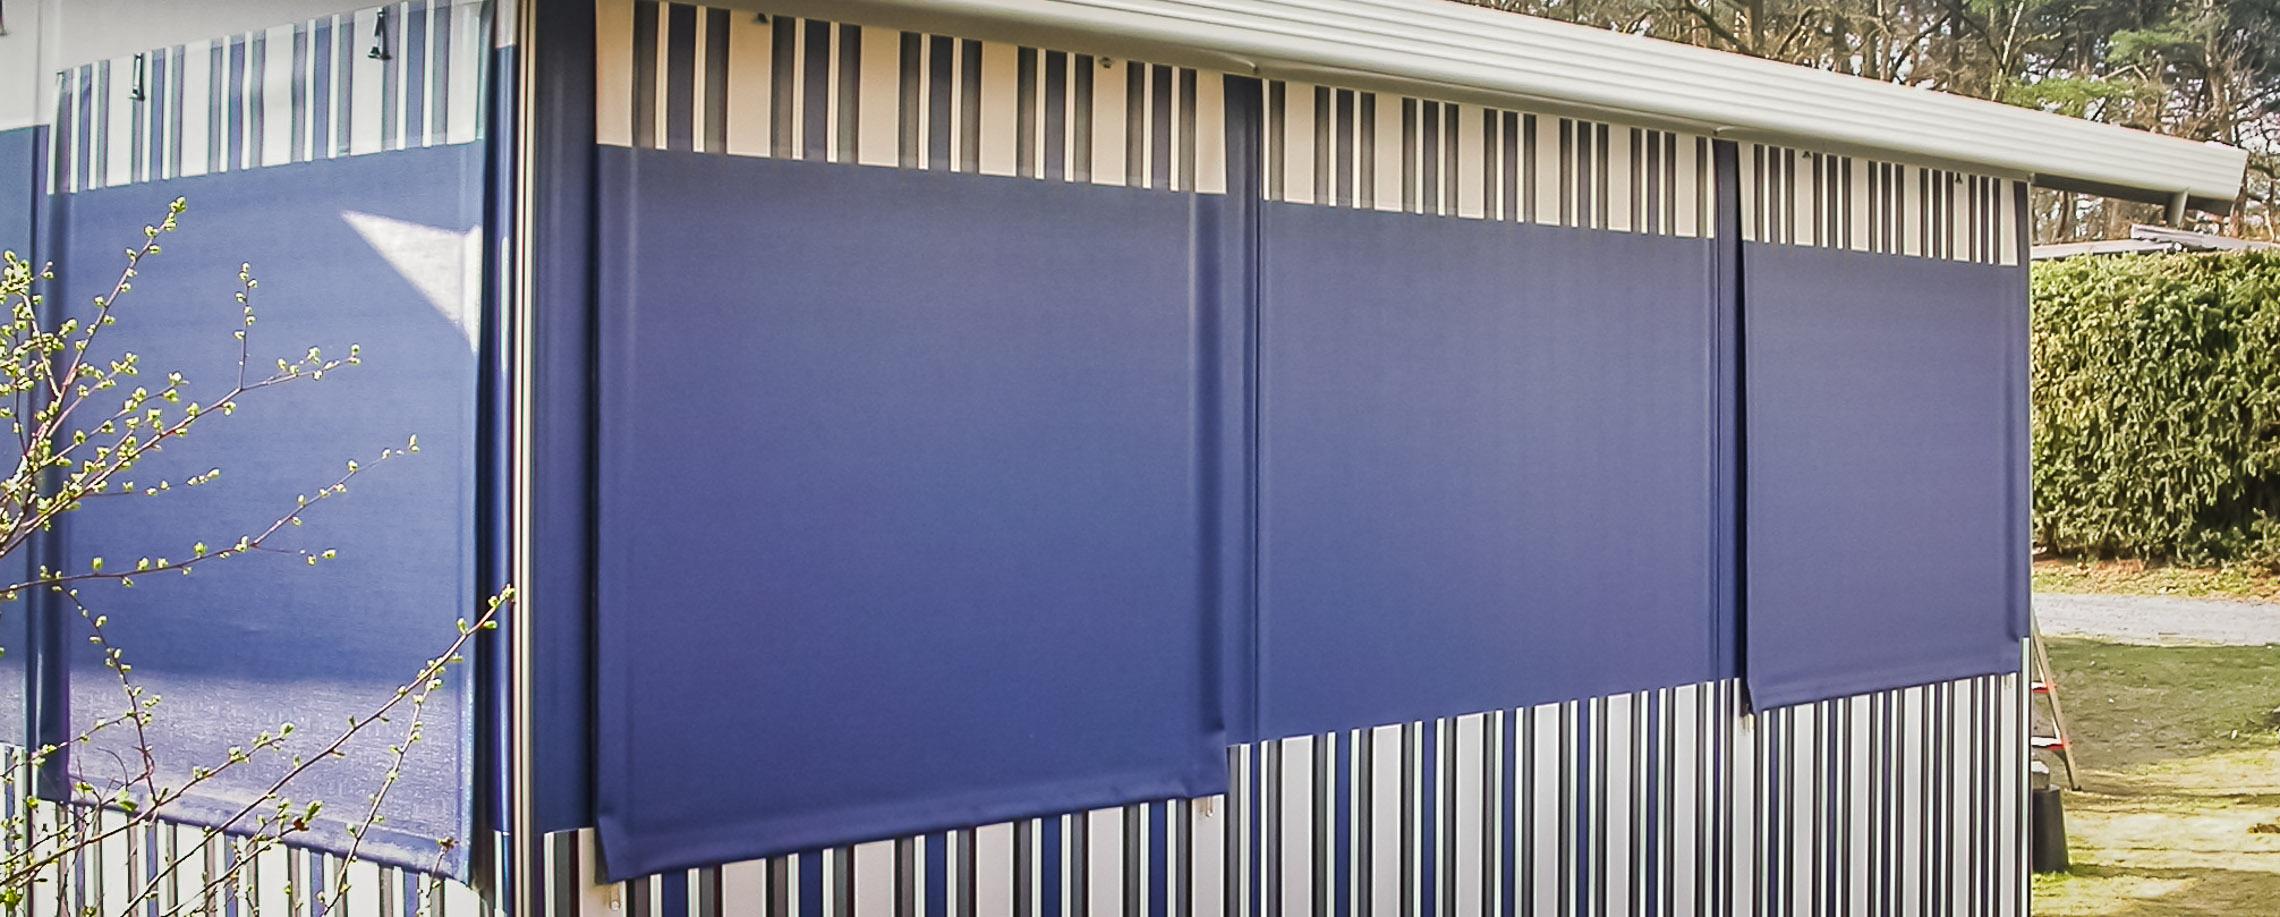 ganzjahreszelt fortiss hanno zelte. Black Bedroom Furniture Sets. Home Design Ideas